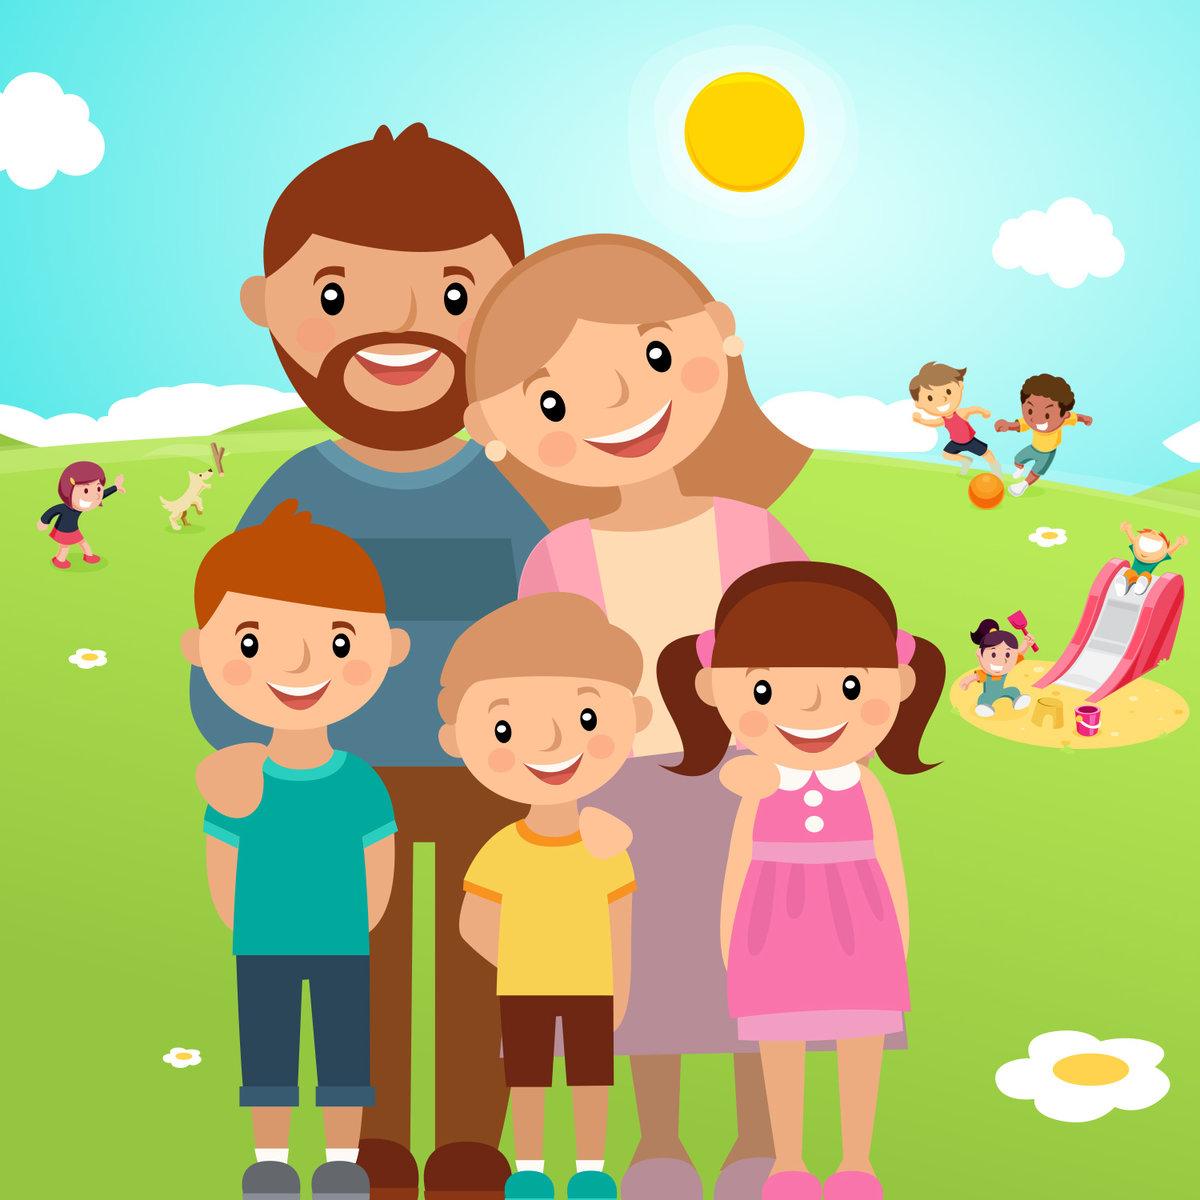 Открытка, картинки с изображением семьи для школы